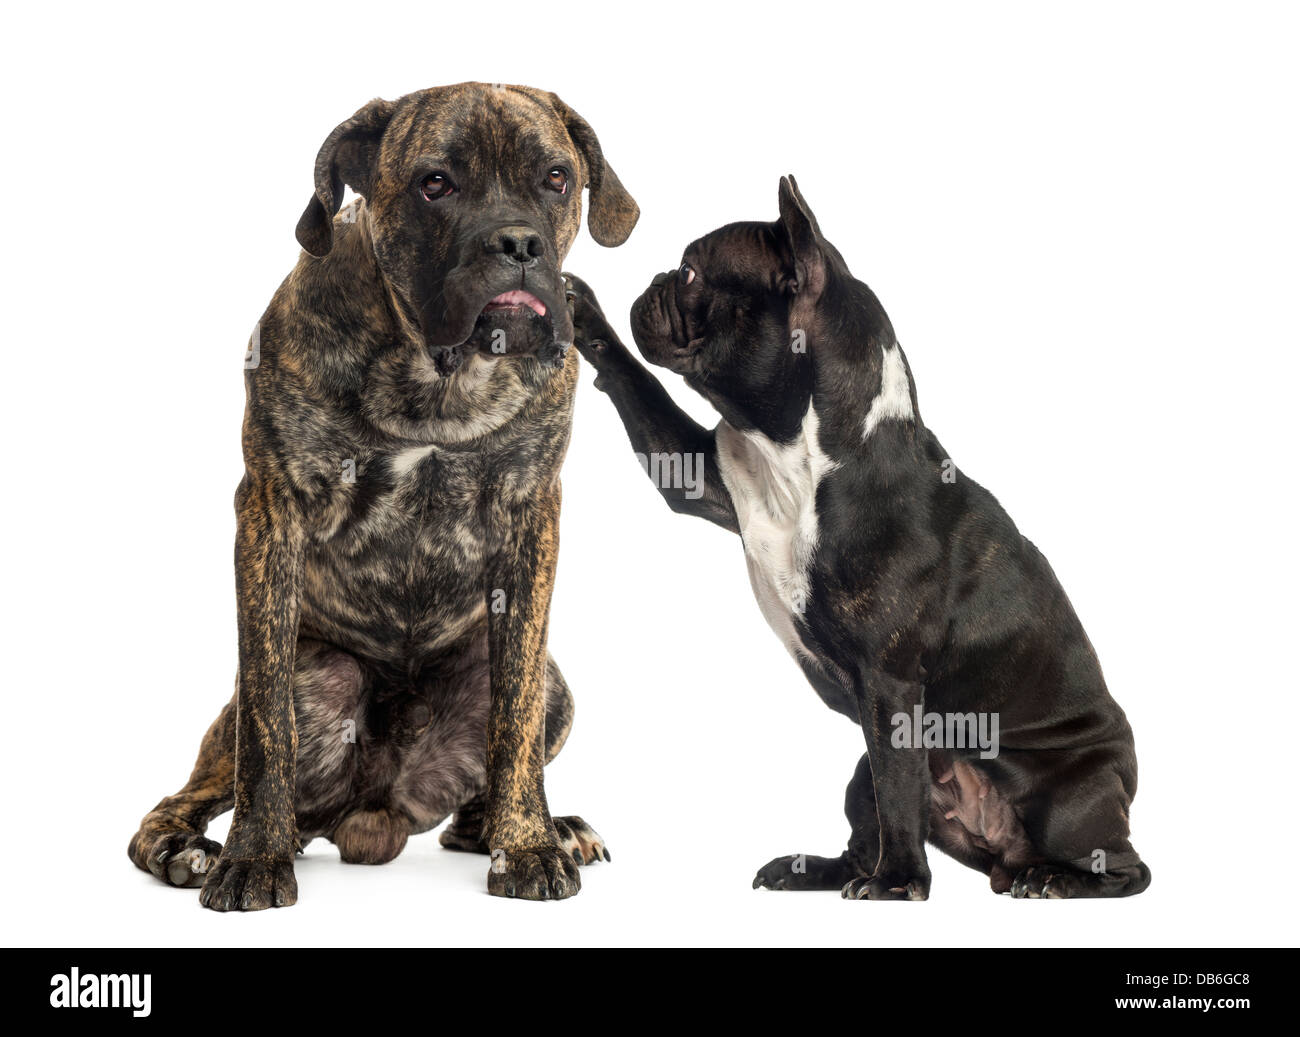 Cane Corso Dogs Stock Photos Cane Corso Dogs Stock Images Alamy